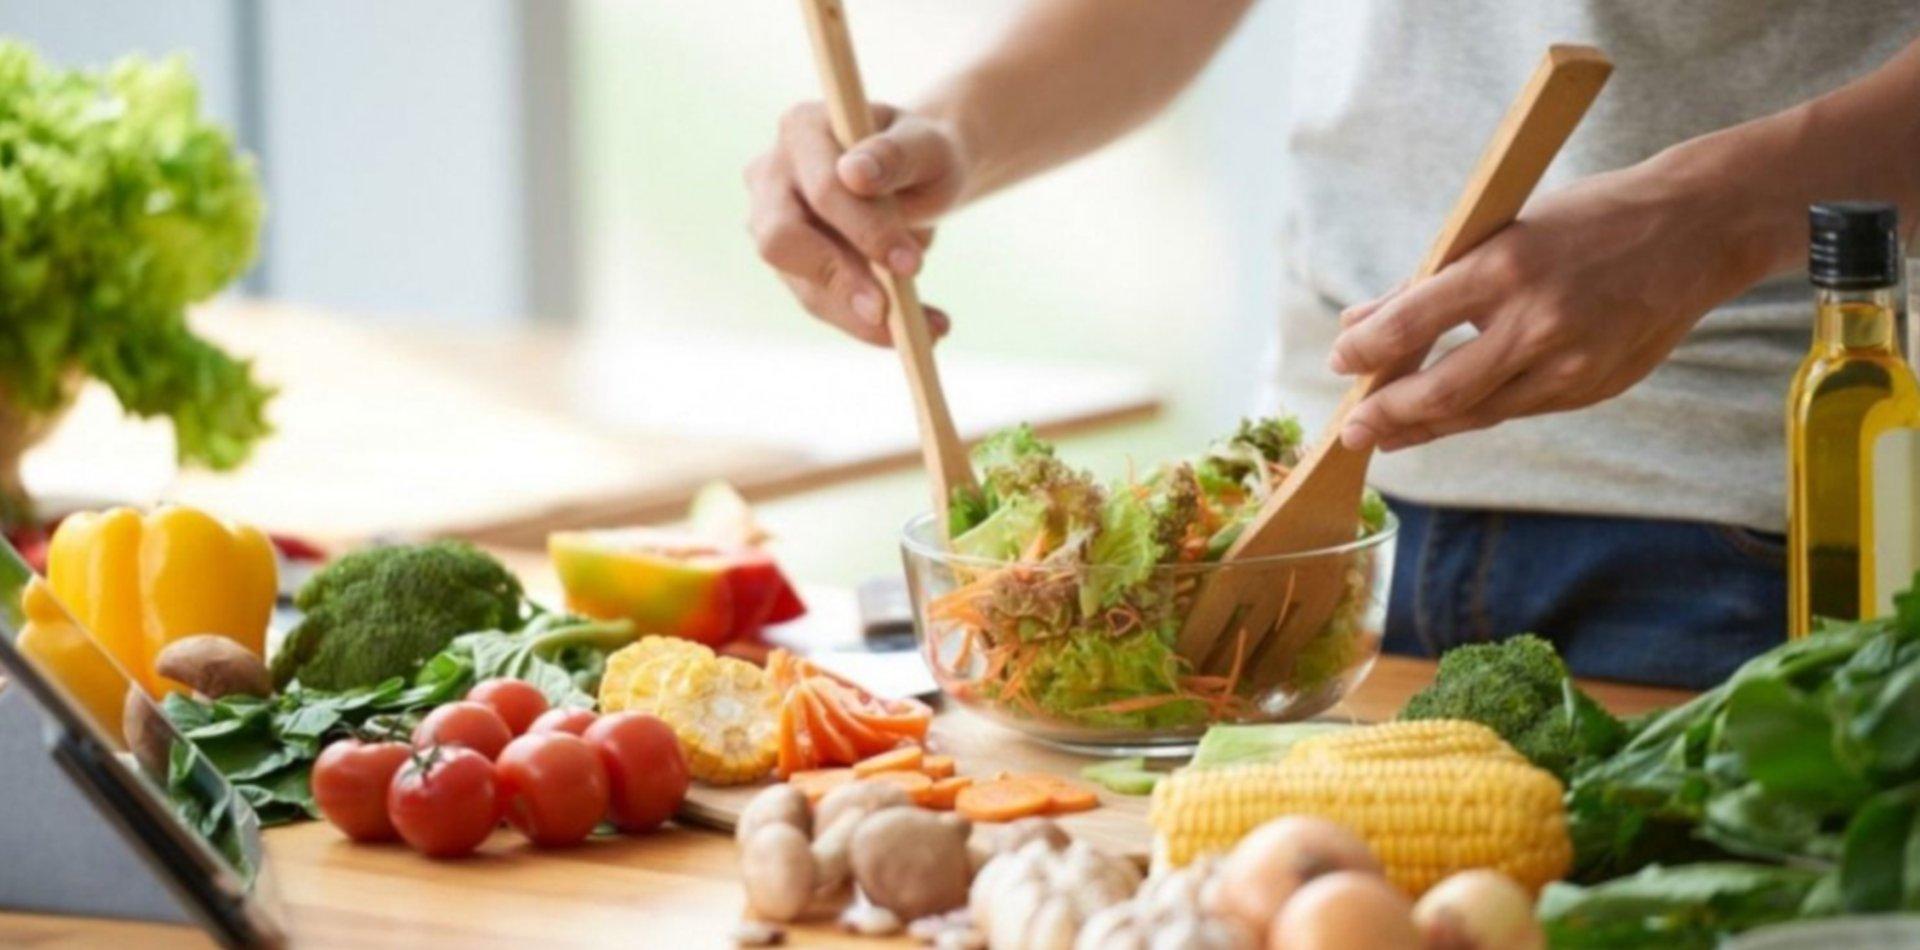 Los cinco alimentos recomendados para reducir el estrés durante la cuarentena